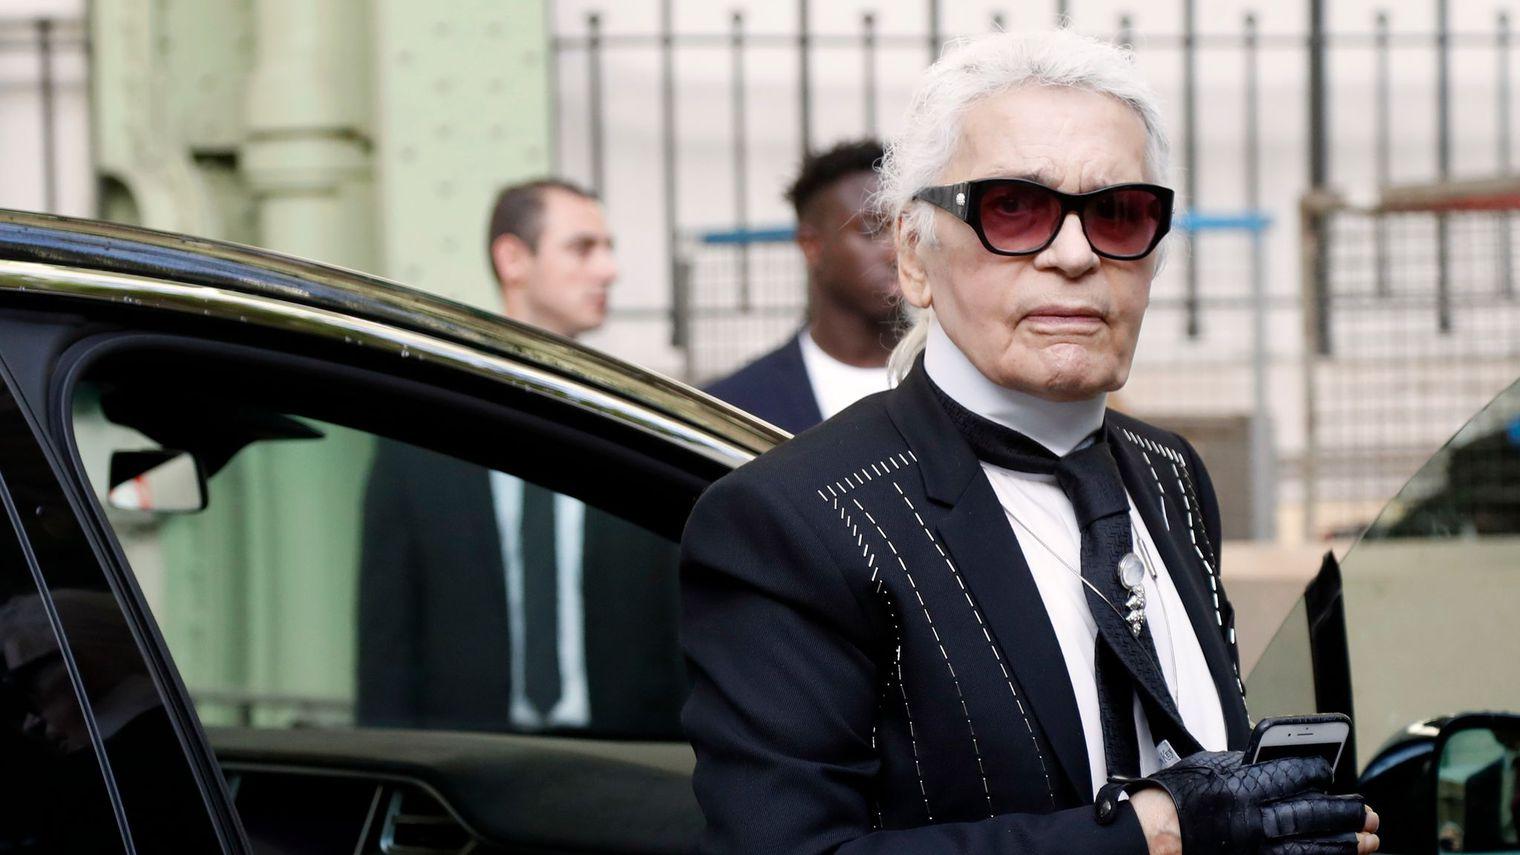 Karl Lagerfeld critiqué pour des propos sur les migrants en Allemagne